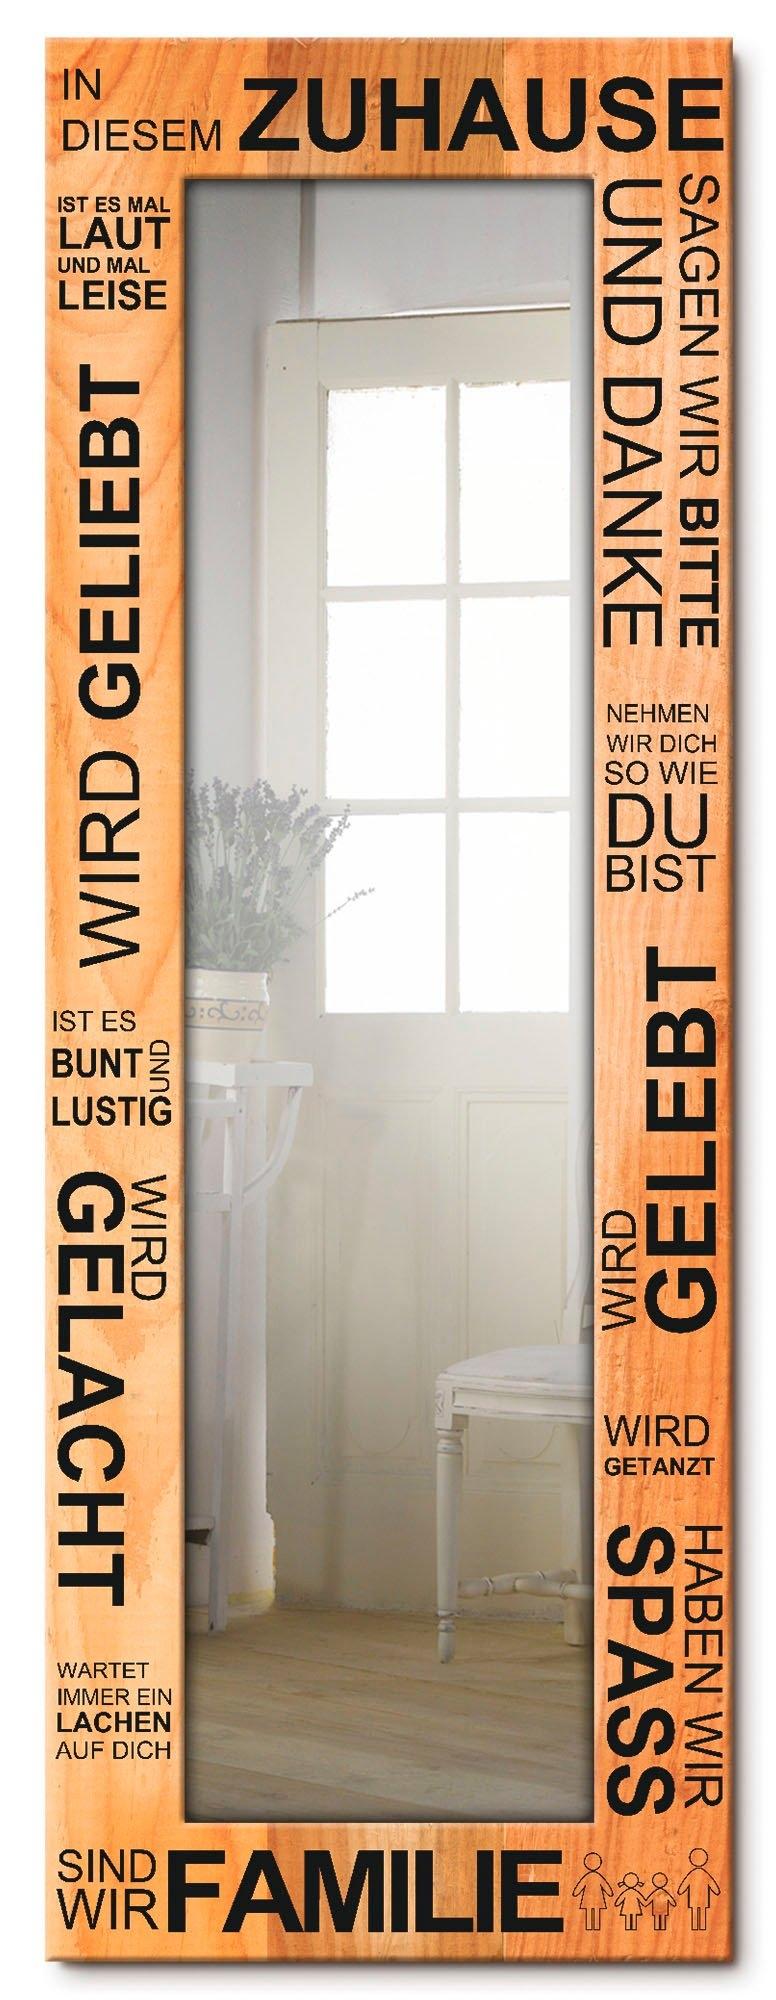 Artland wandspiegel In dit huis - bruin ingelijste spiegel voor het hele lichaam met motiefrand, geschikt voor kleine, smalle hal, halspiegel, mirror spiegel omrand om op te hangen goedkoop op otto.nl kopen